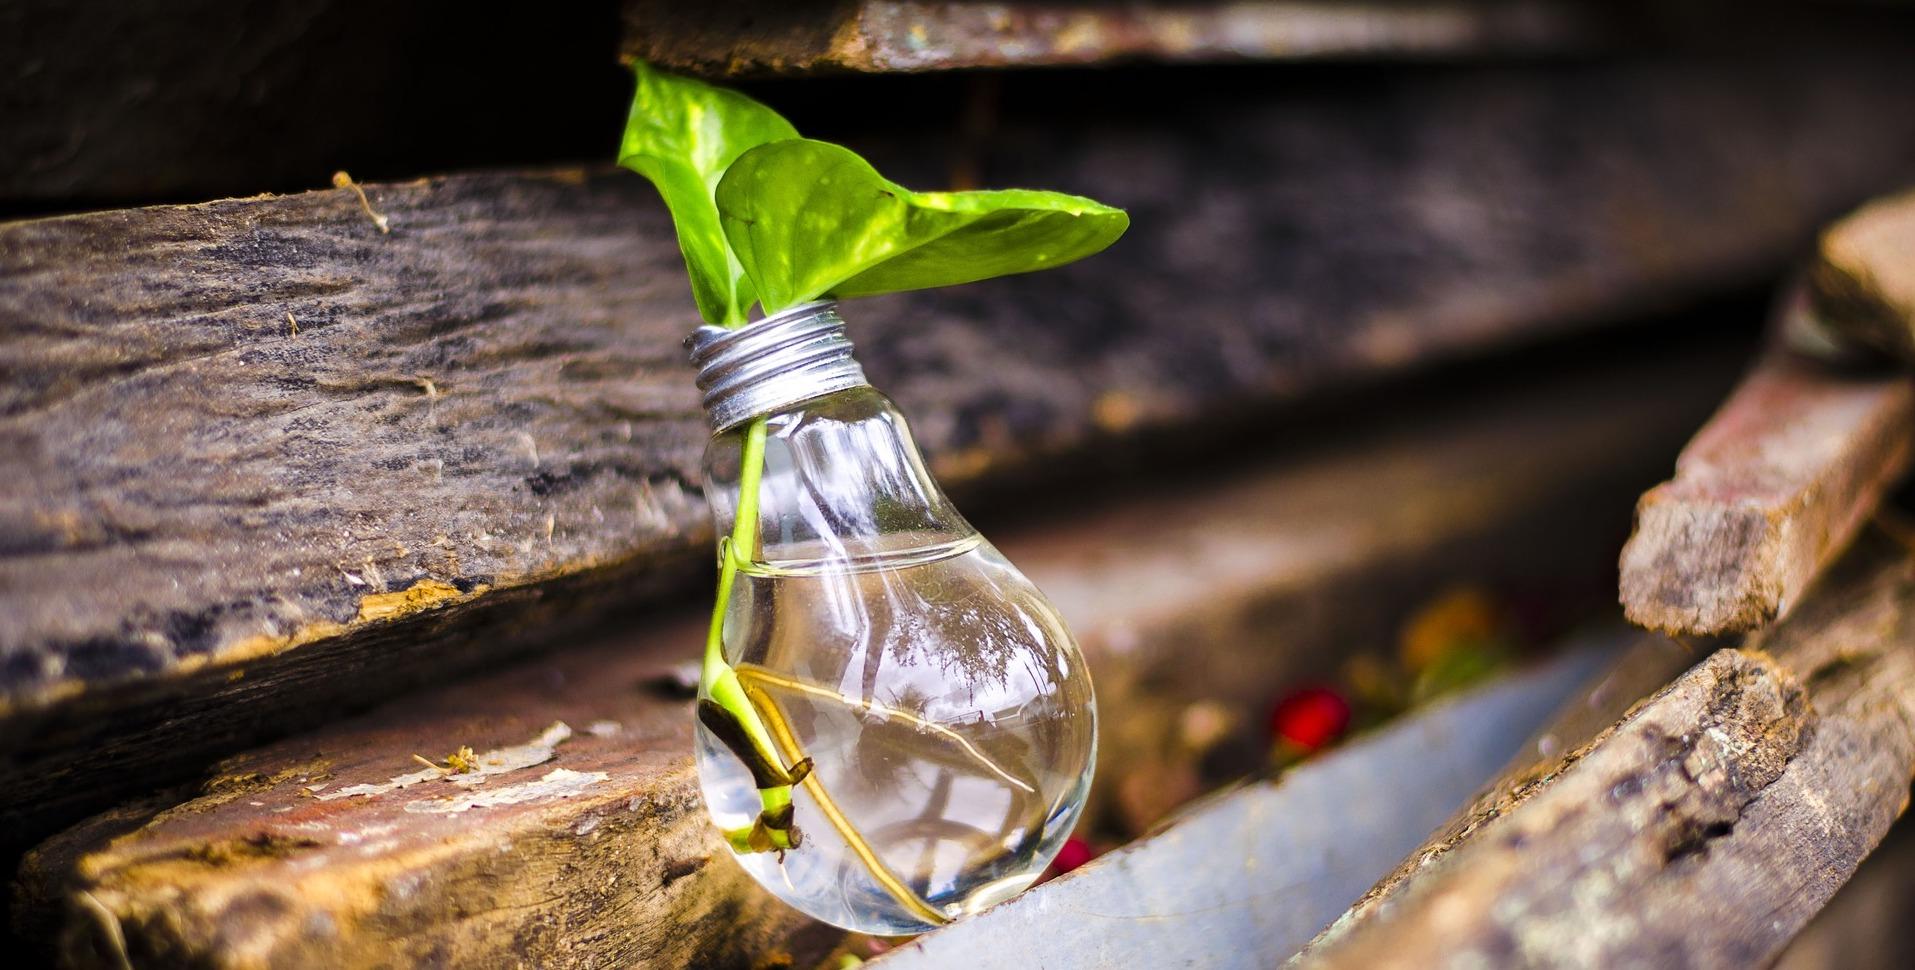 Reciclar es una necesidad prioritaria